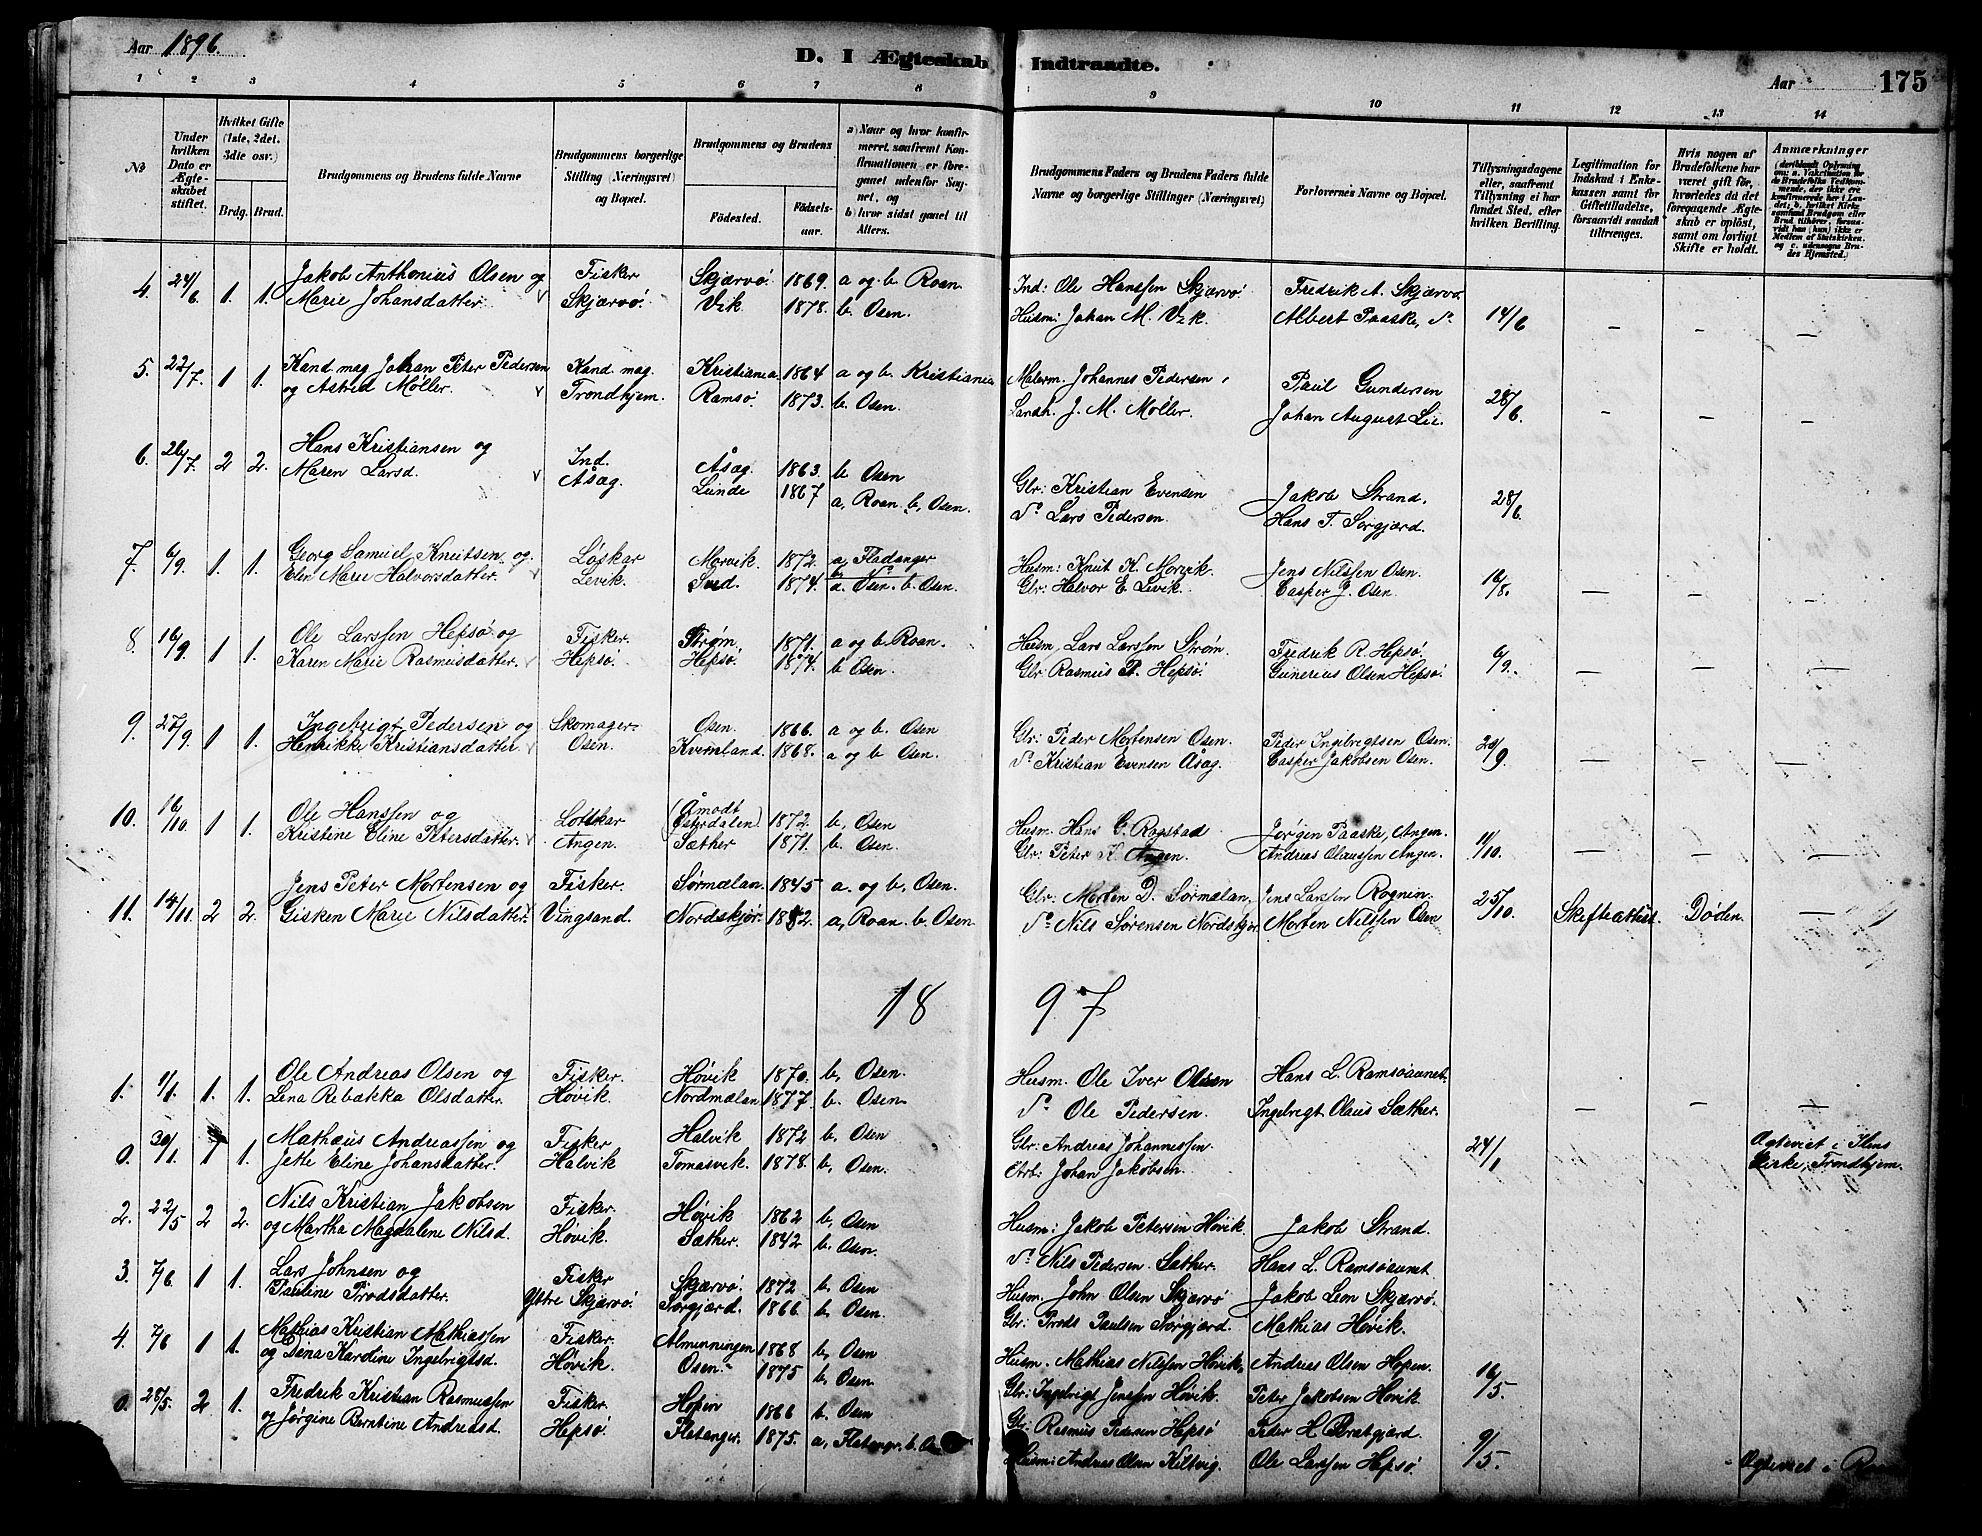 SAT, Ministerialprotokoller, klokkerbøker og fødselsregistre - Sør-Trøndelag, 658/L0726: Klokkerbok nr. 658C02, 1883-1908, s. 175